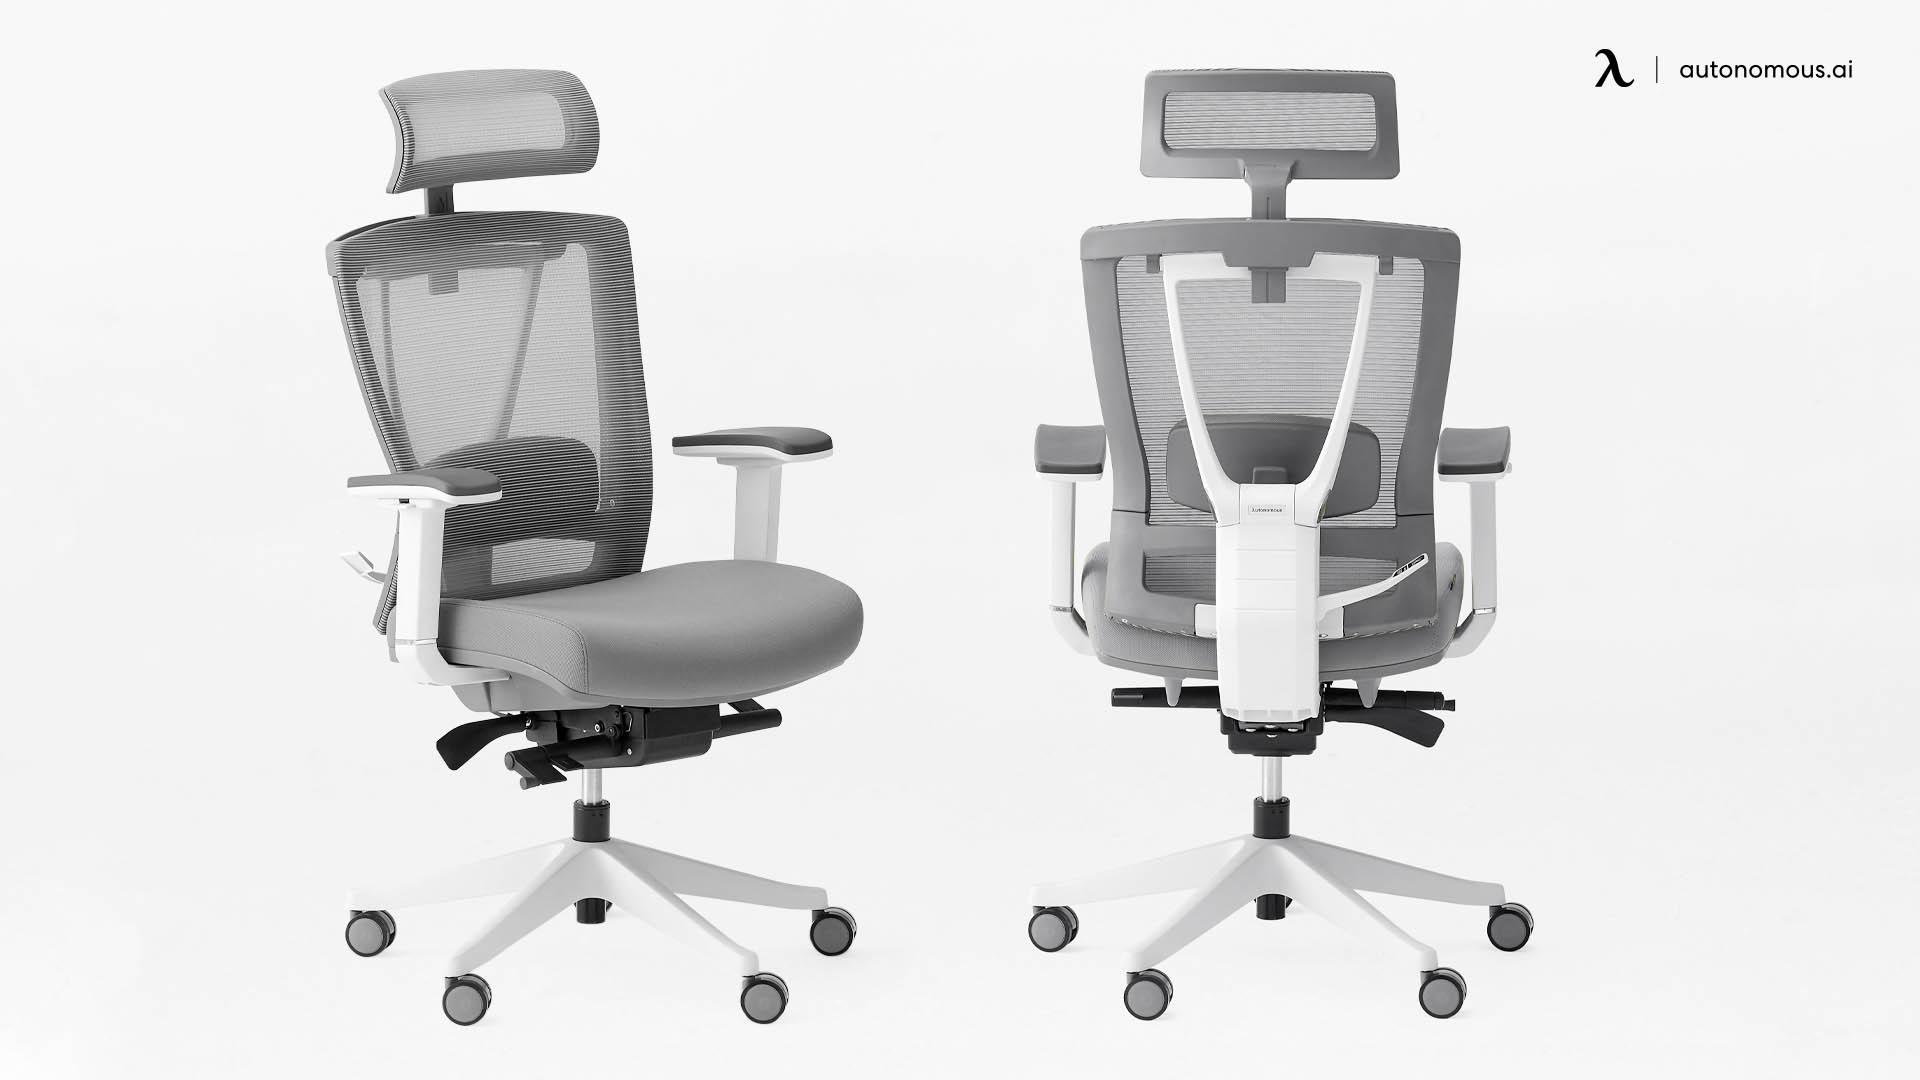 Ergo Chair 2- Autonomous